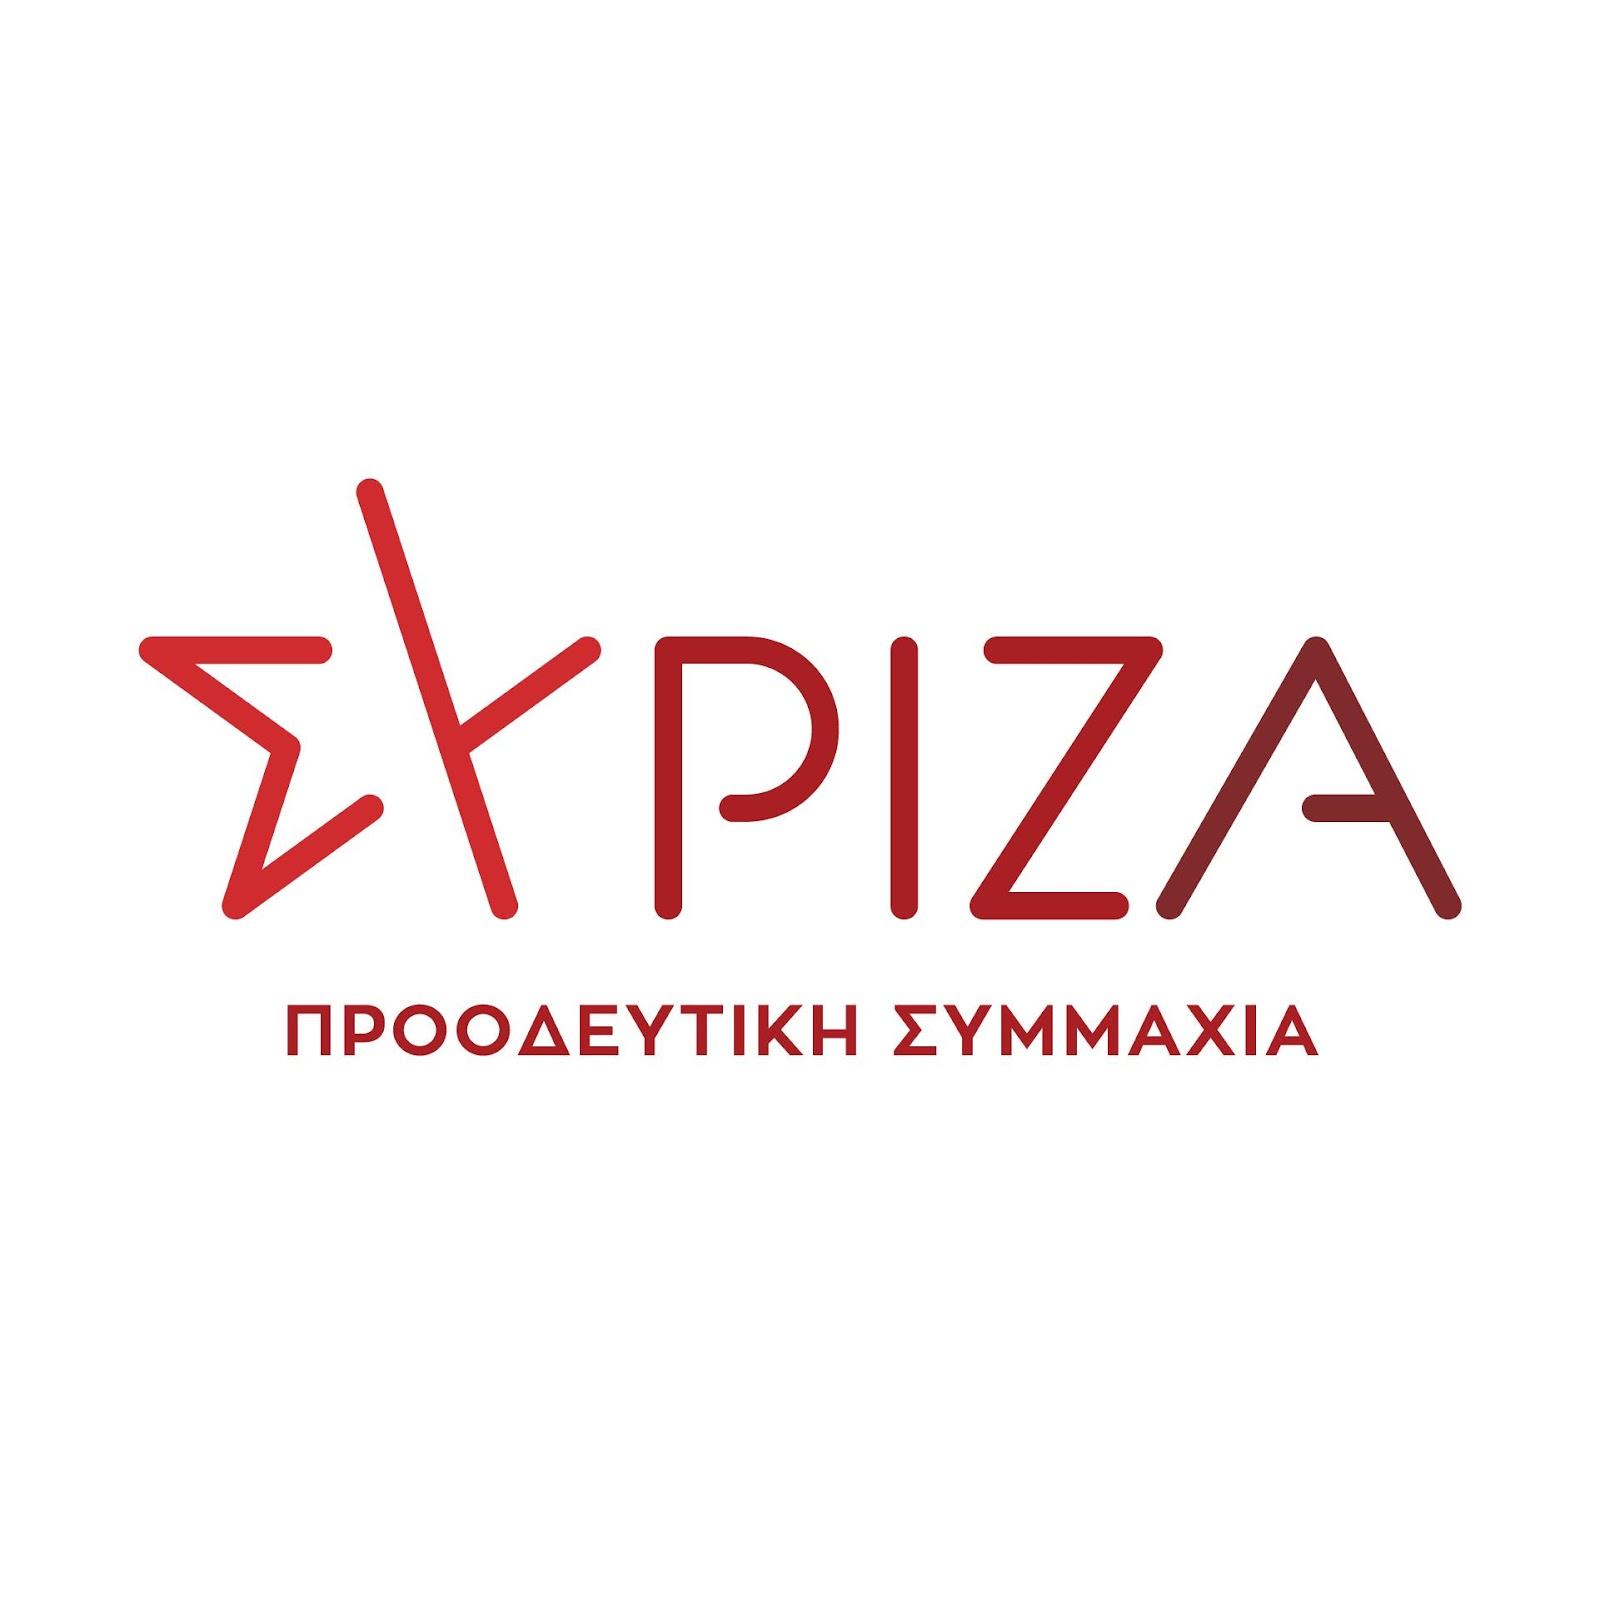 ΣΥΡΙΖΑ ΝΕΟ LOGO.jpg